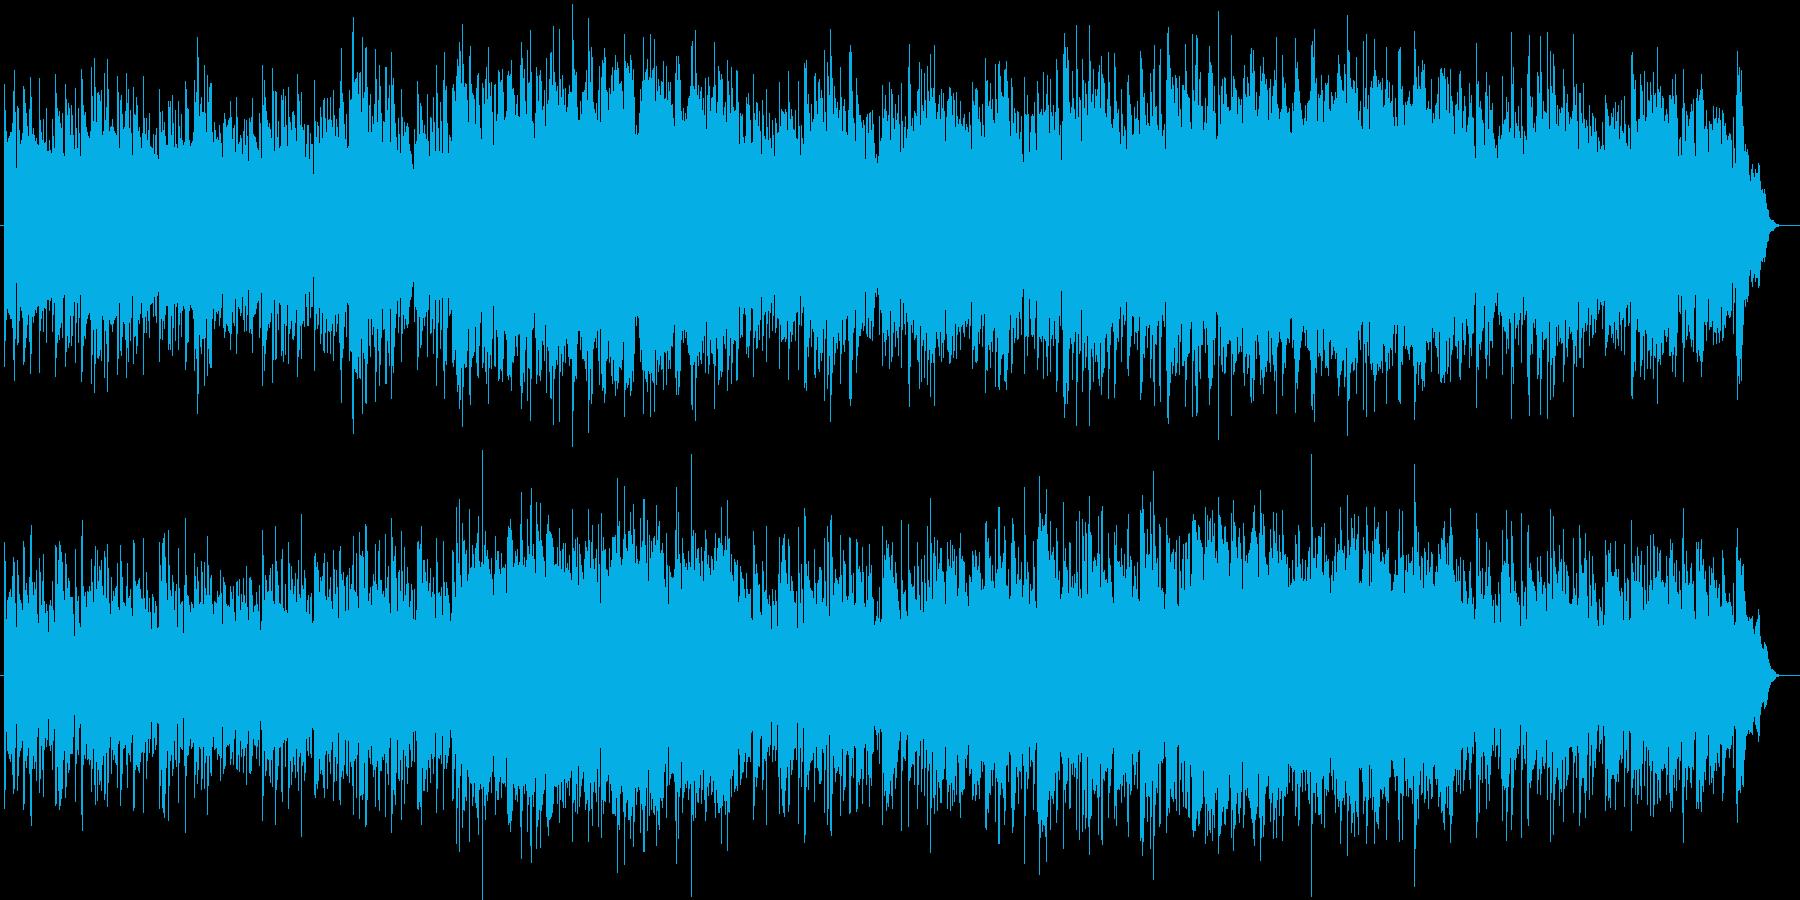 優しい風のようなピアノ楽曲の再生済みの波形